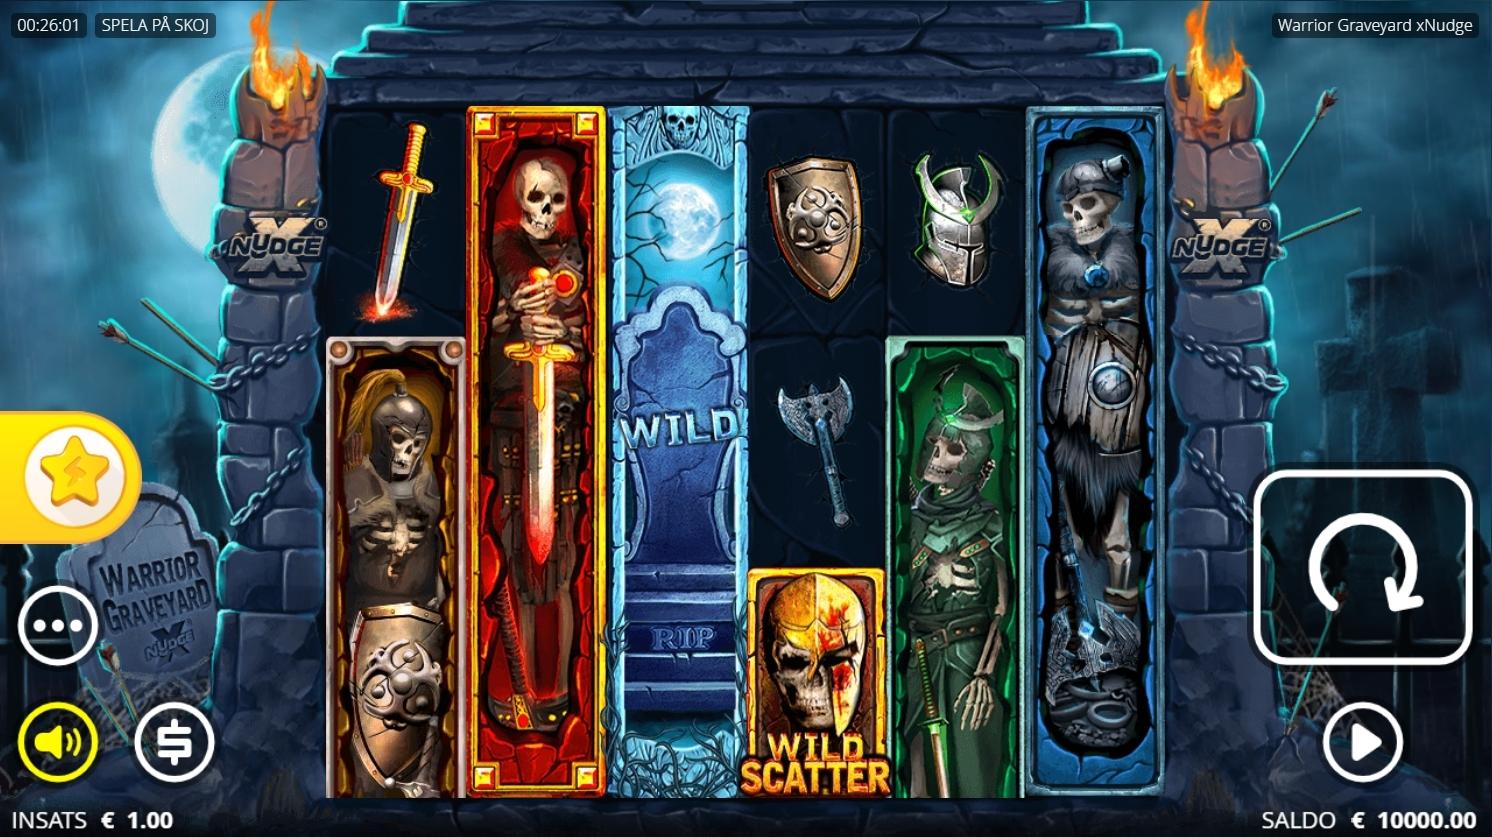 warrior-graveyard